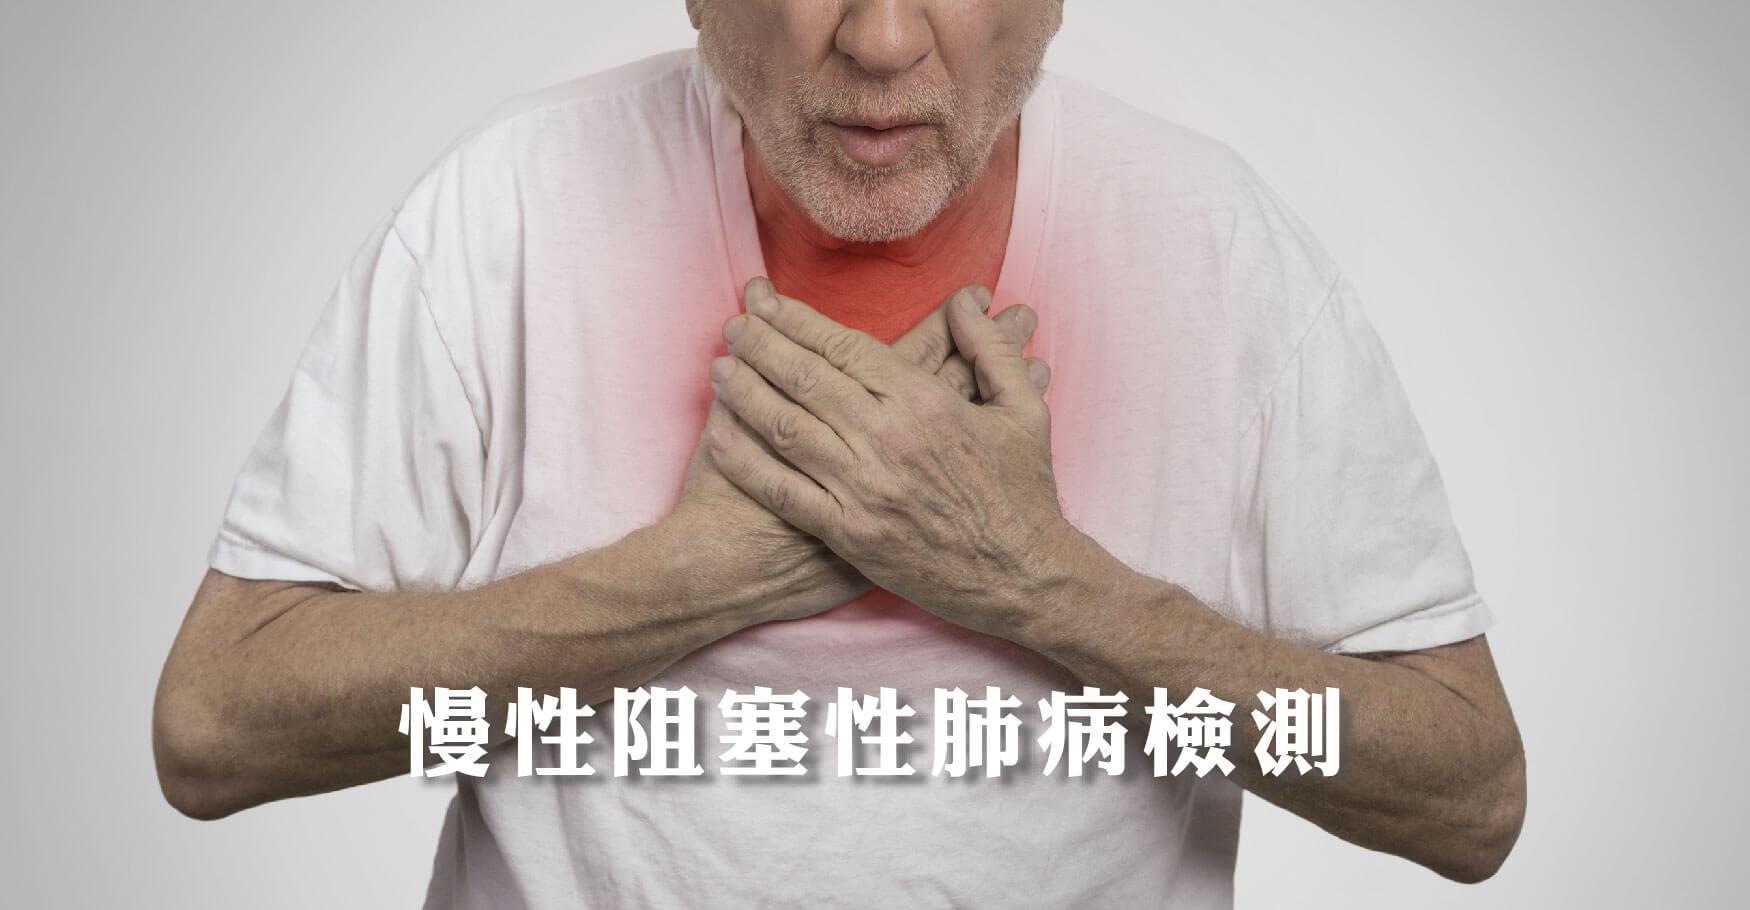 慢性阻塞性肺病自我檢測